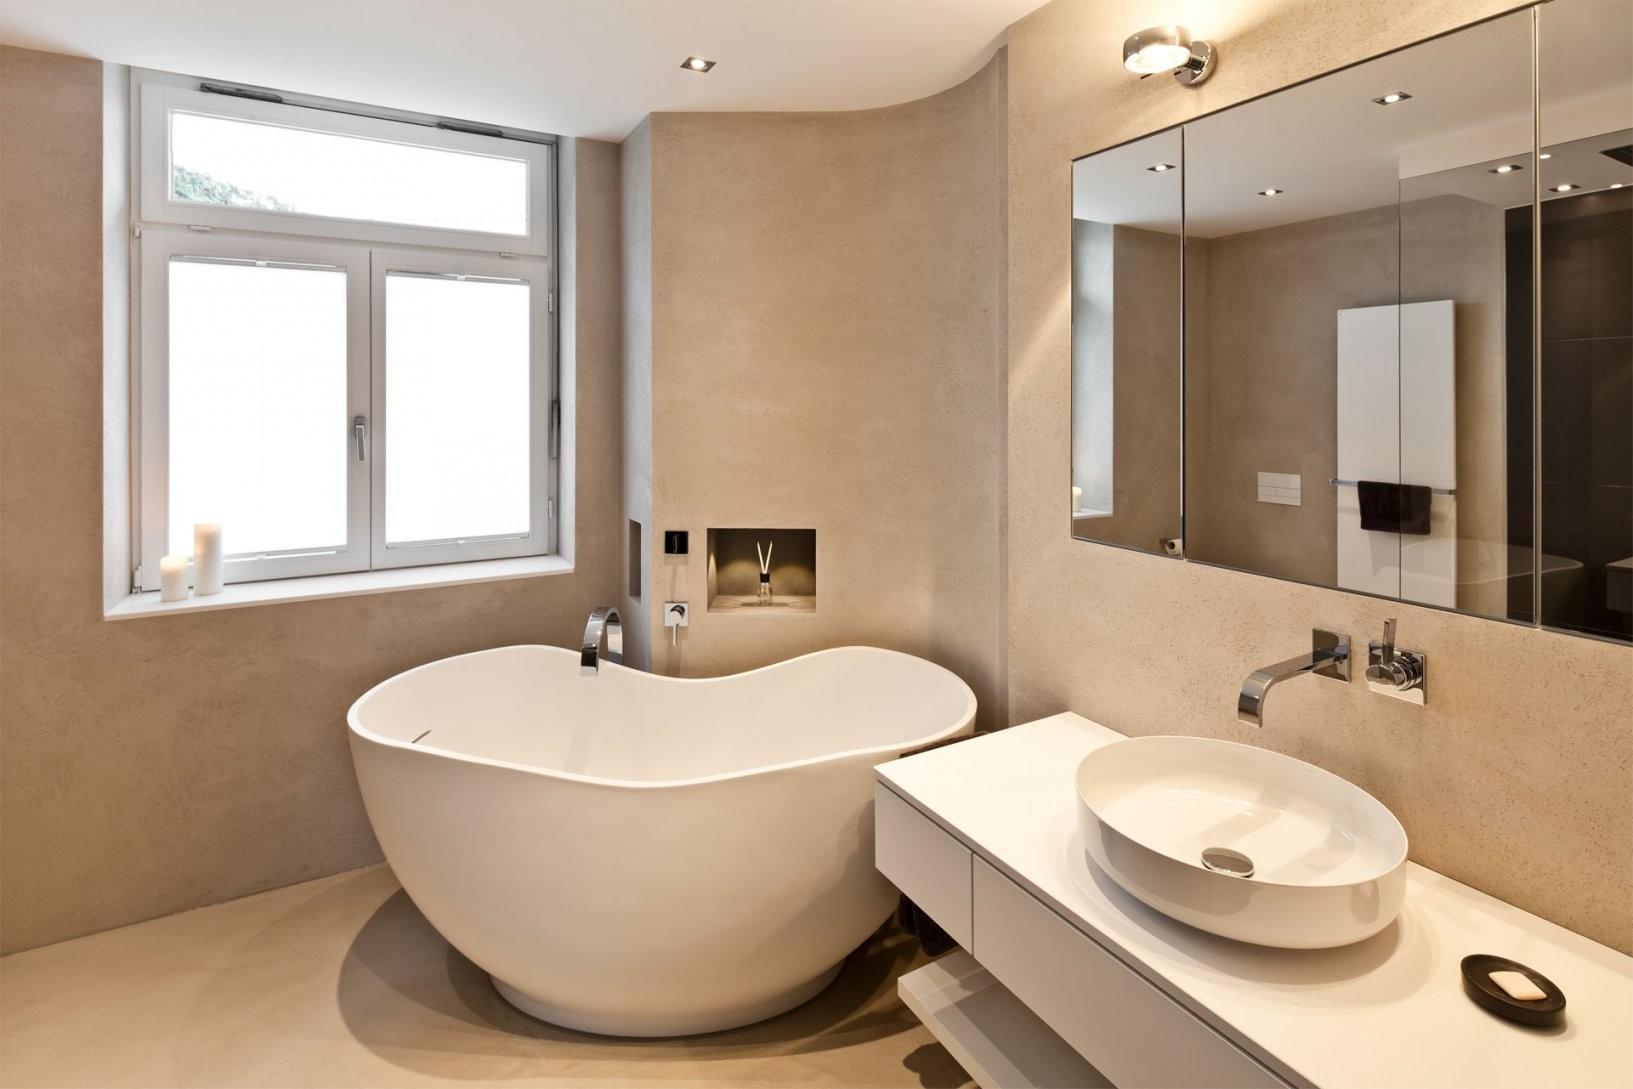 Kleines Badezimmer Mit Freistehender Badewanne  Raumfabrik von Kleines Bad Freistehende Badewanne Photo